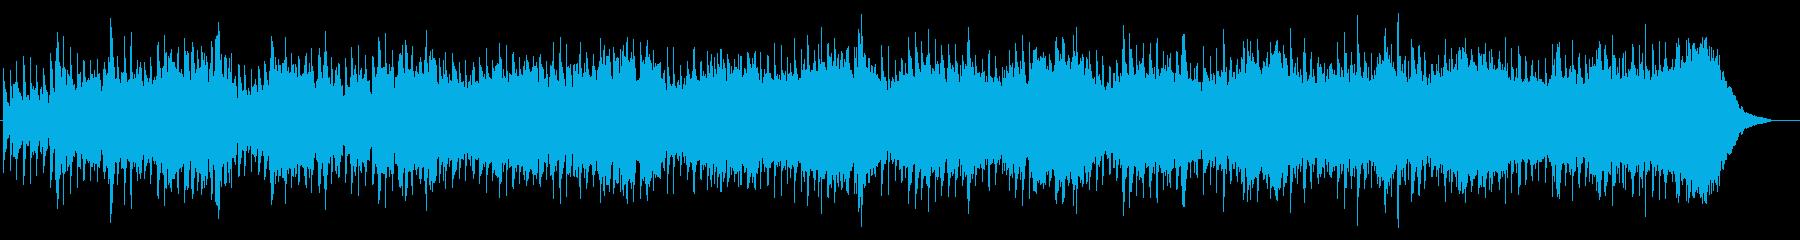 【パーカス抜】神秘的、幻想的アンビエントの再生済みの波形